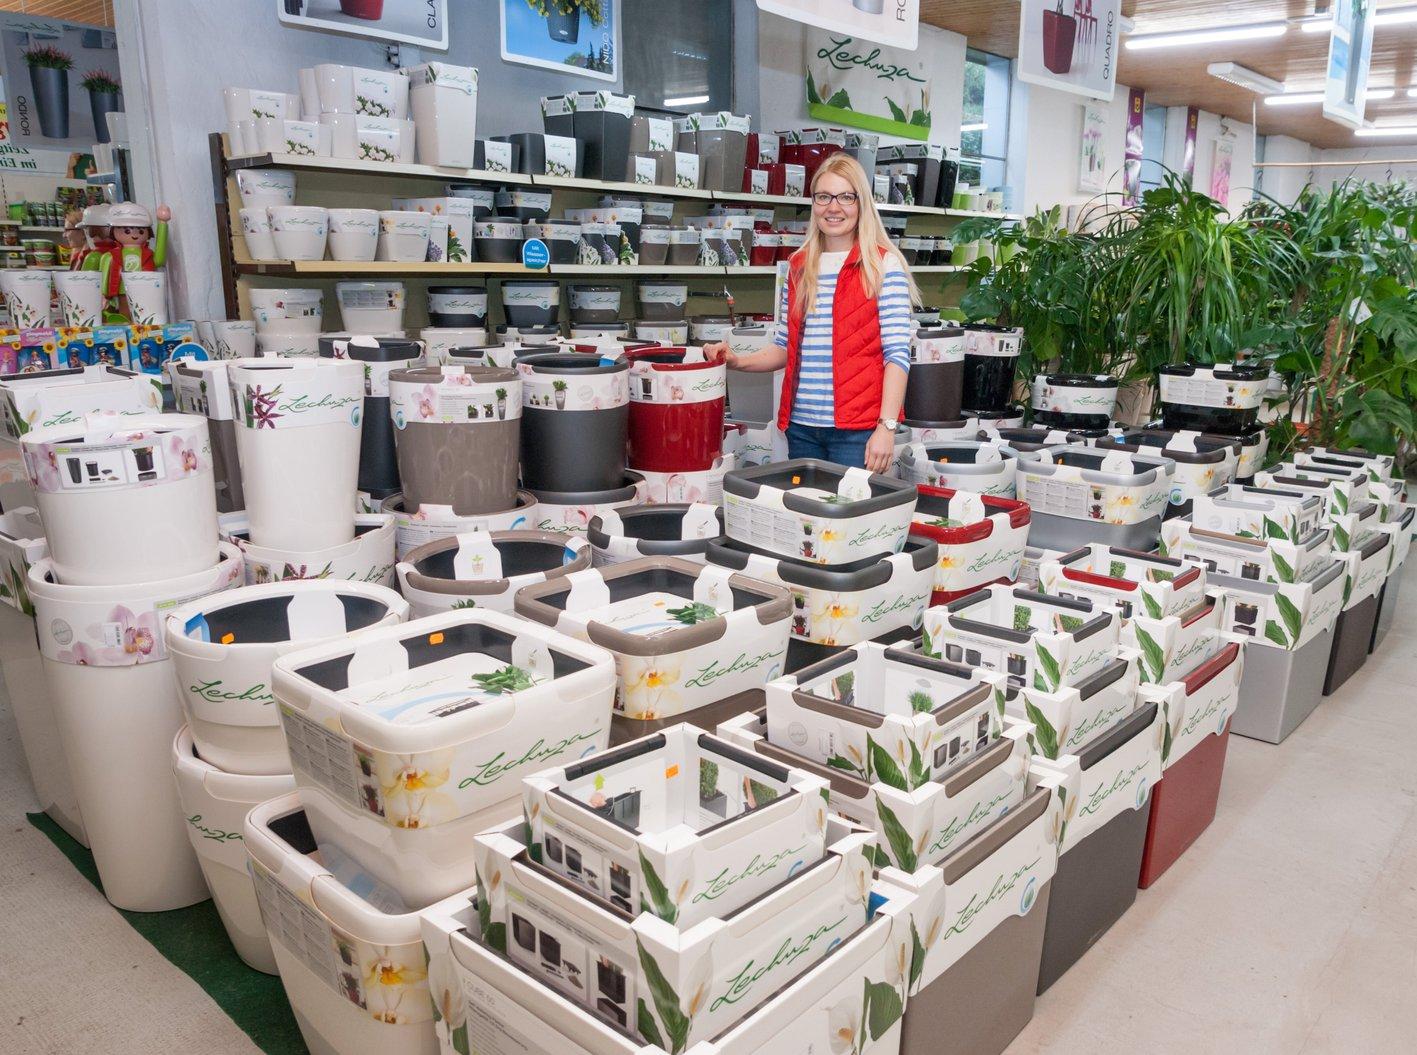 Catharina Bestehorn empfiehlt die neuartigen Pflanzgefäße Lechuza. FOTOS: ZERFASS